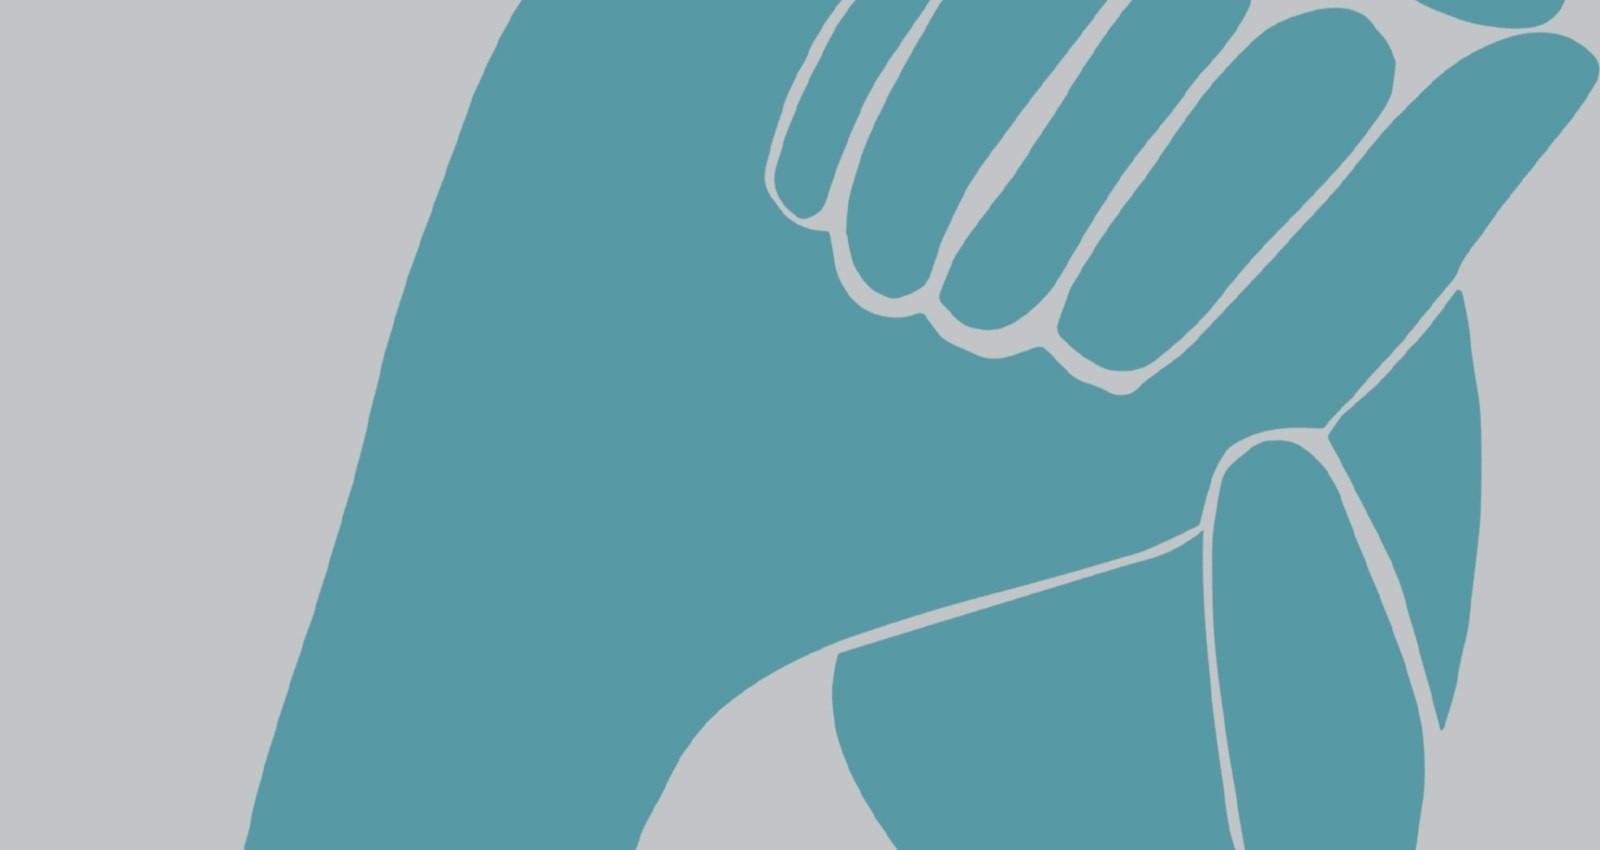 Bandcamp donará todos sus beneficios durante 24 horas a la lucha por la igualdad entre razas